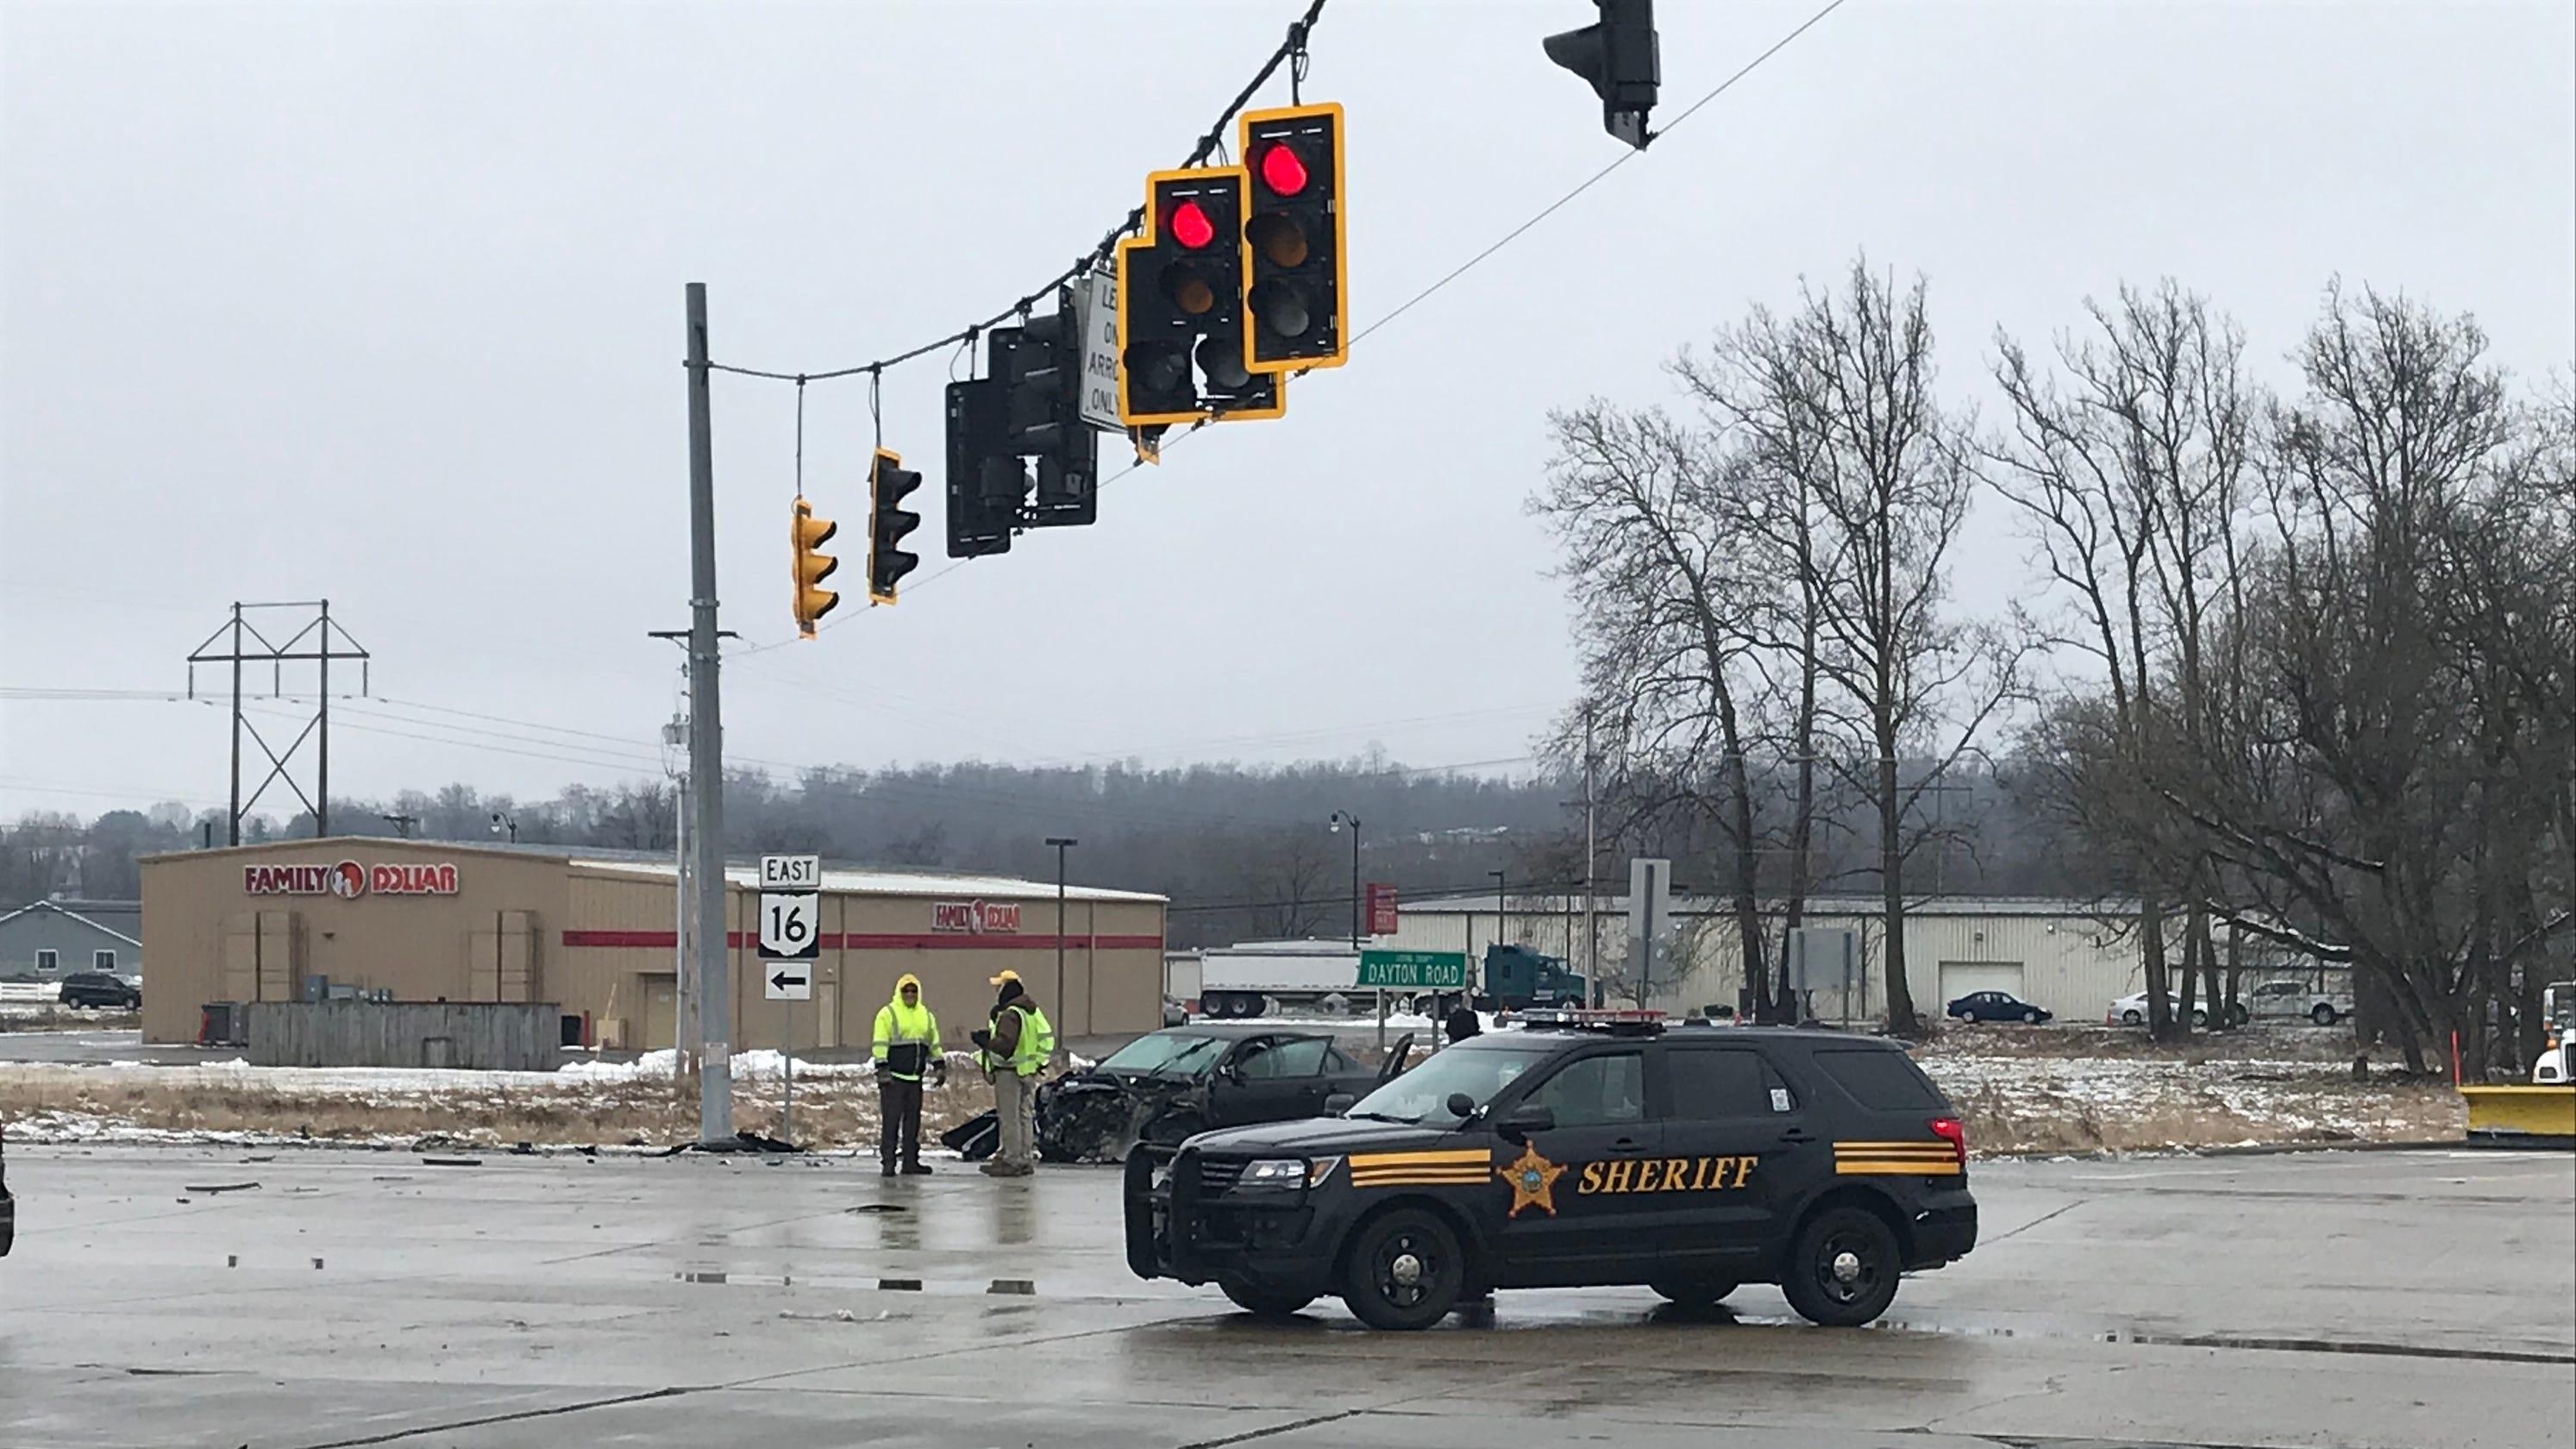 OH 16 reopened at Dayton Road after semi crash